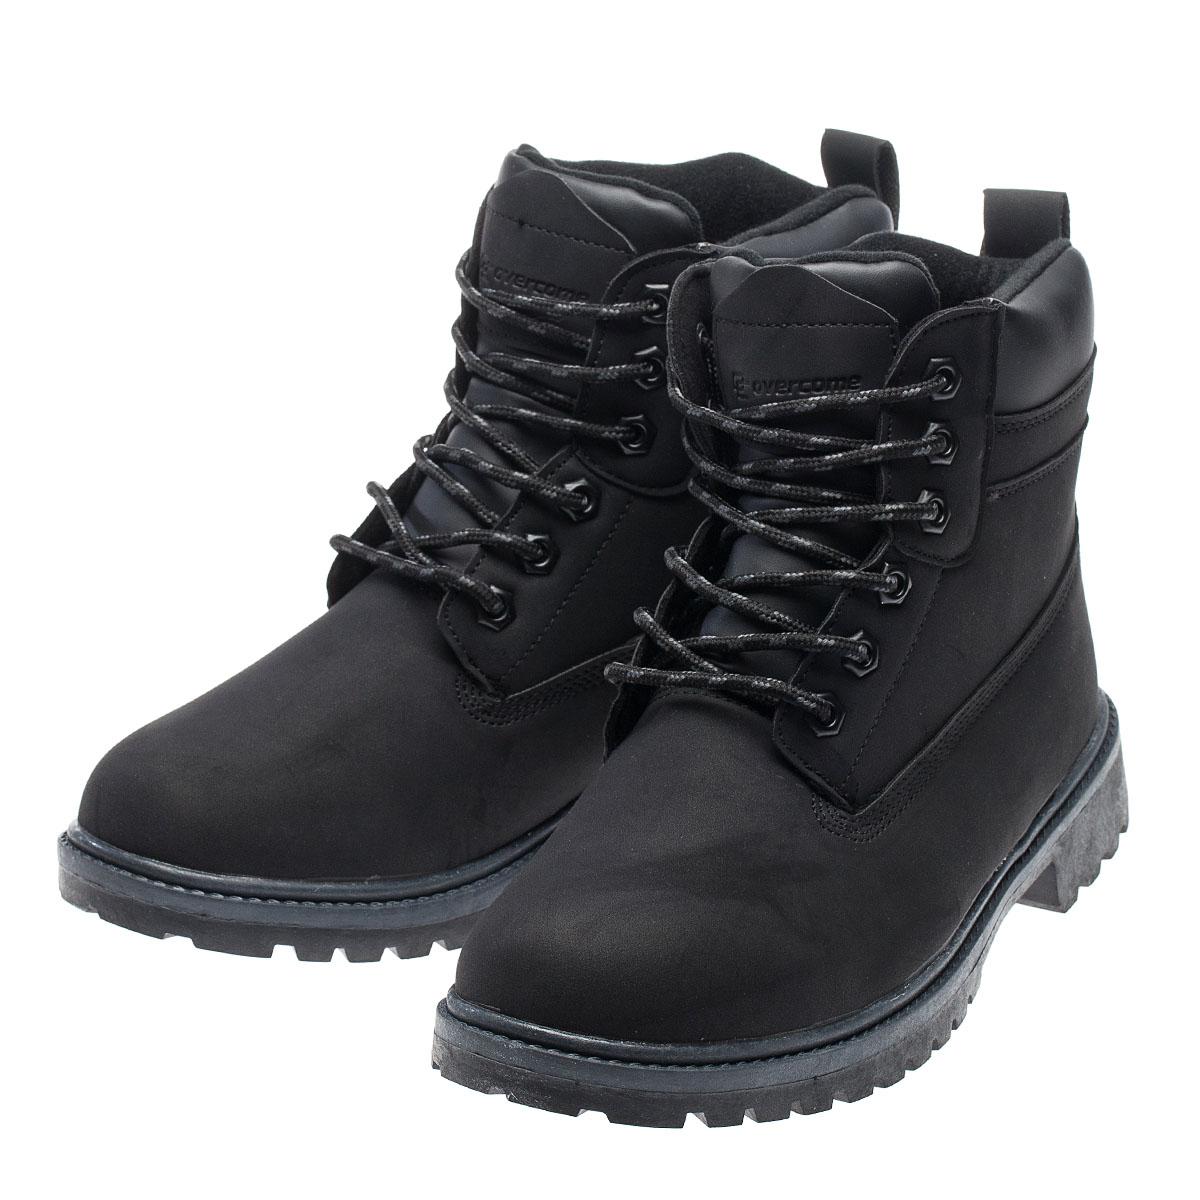 Ботинки зимние Overcome, HSM 18730 кроссовки зимние overcome hsl17019 2